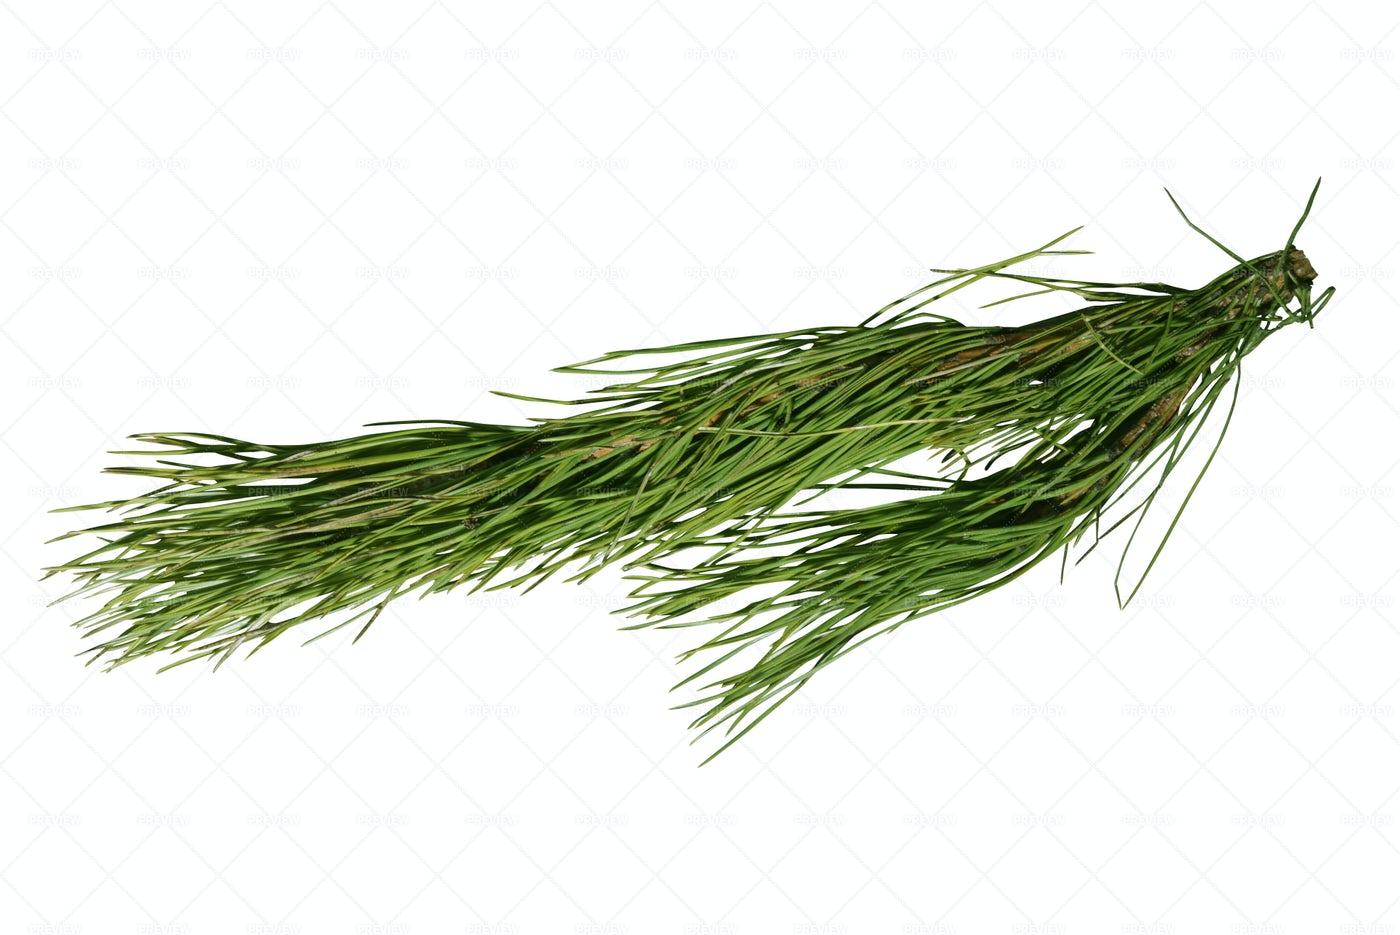 Green Pine Branch: Stock Photos